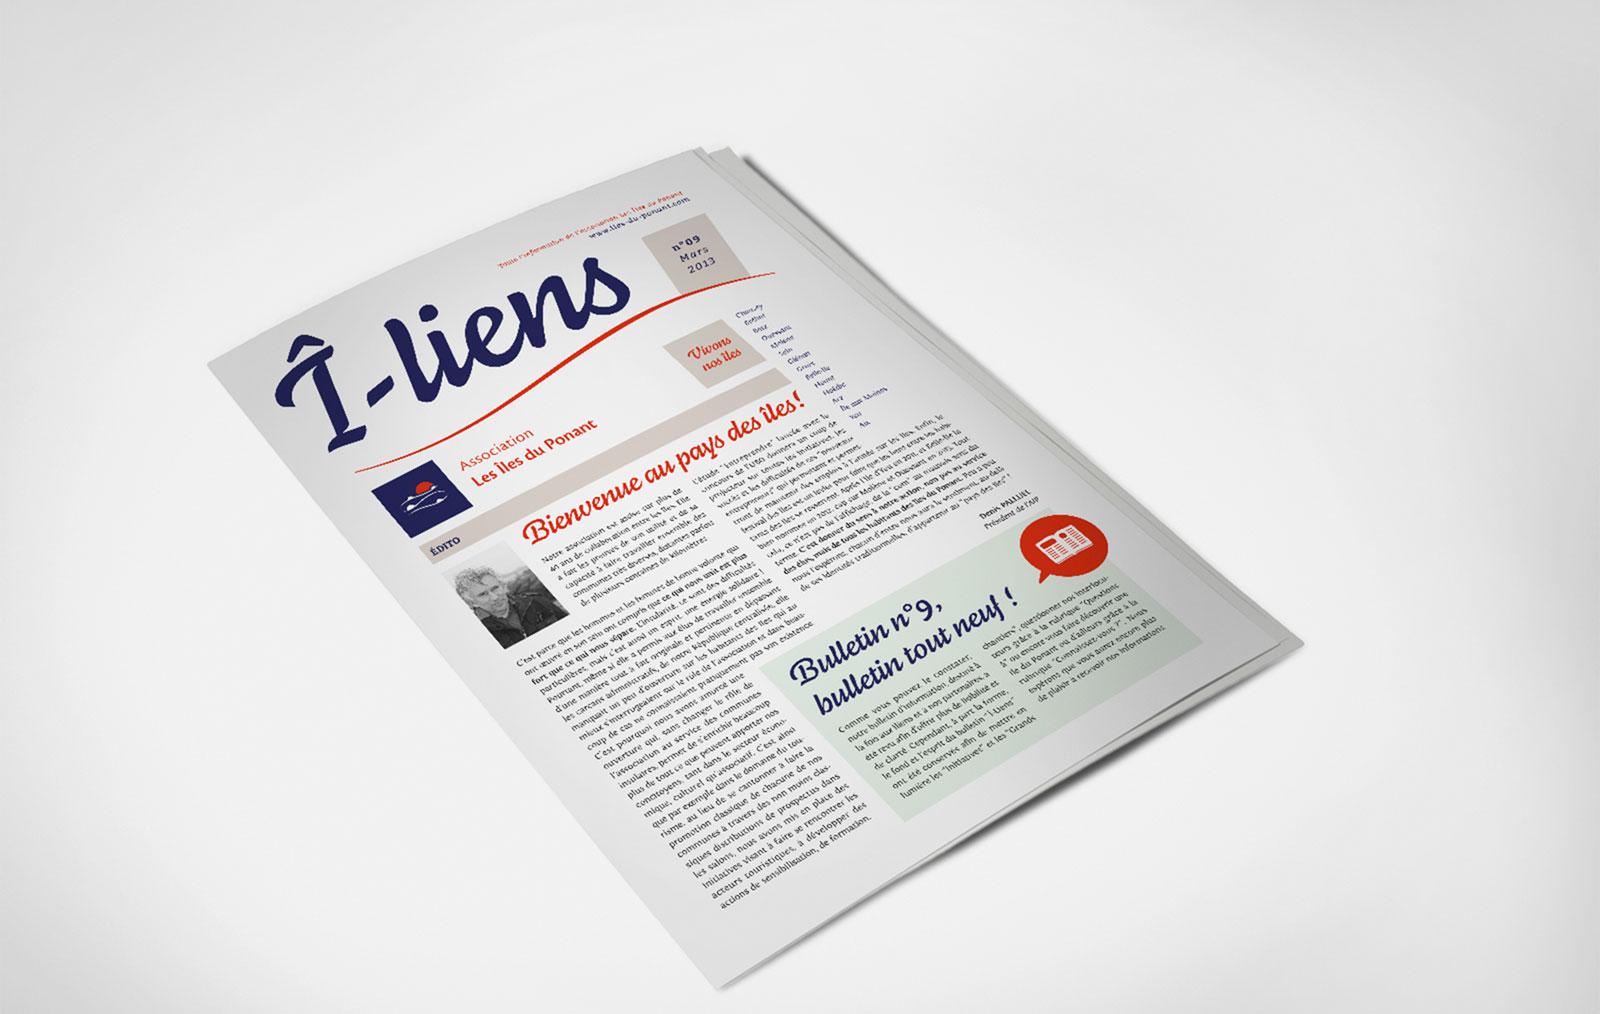 Couverture du magazine Î-liens de l'Association Les Îles du Ponantles